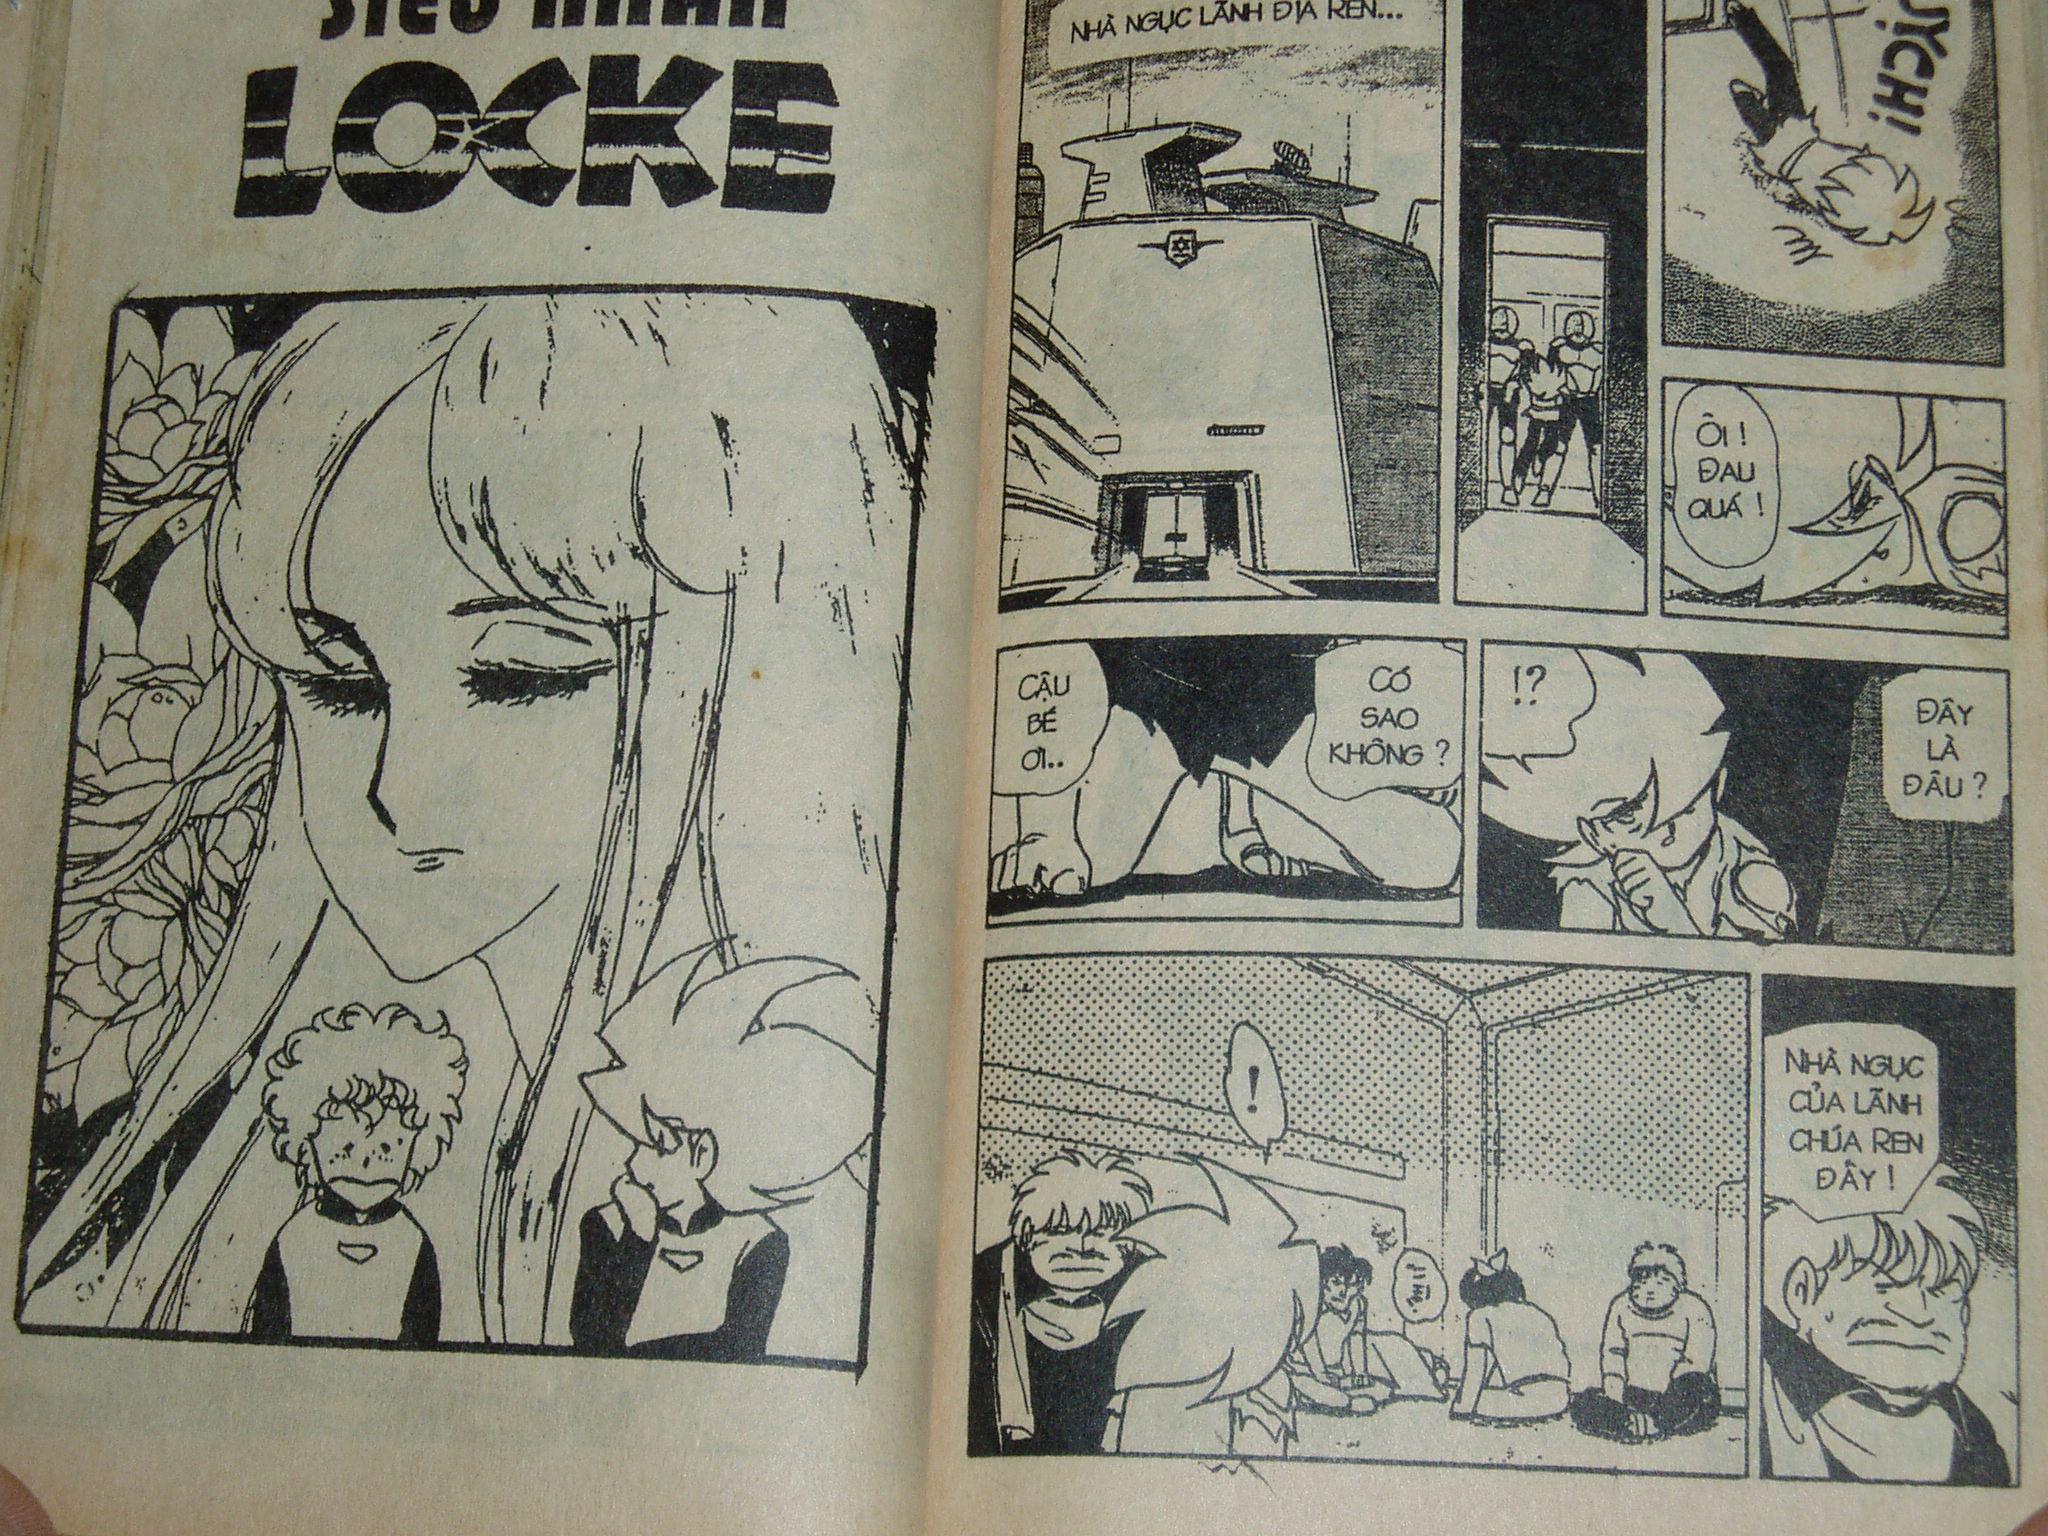 Siêu nhân Locke vol 18 trang 23